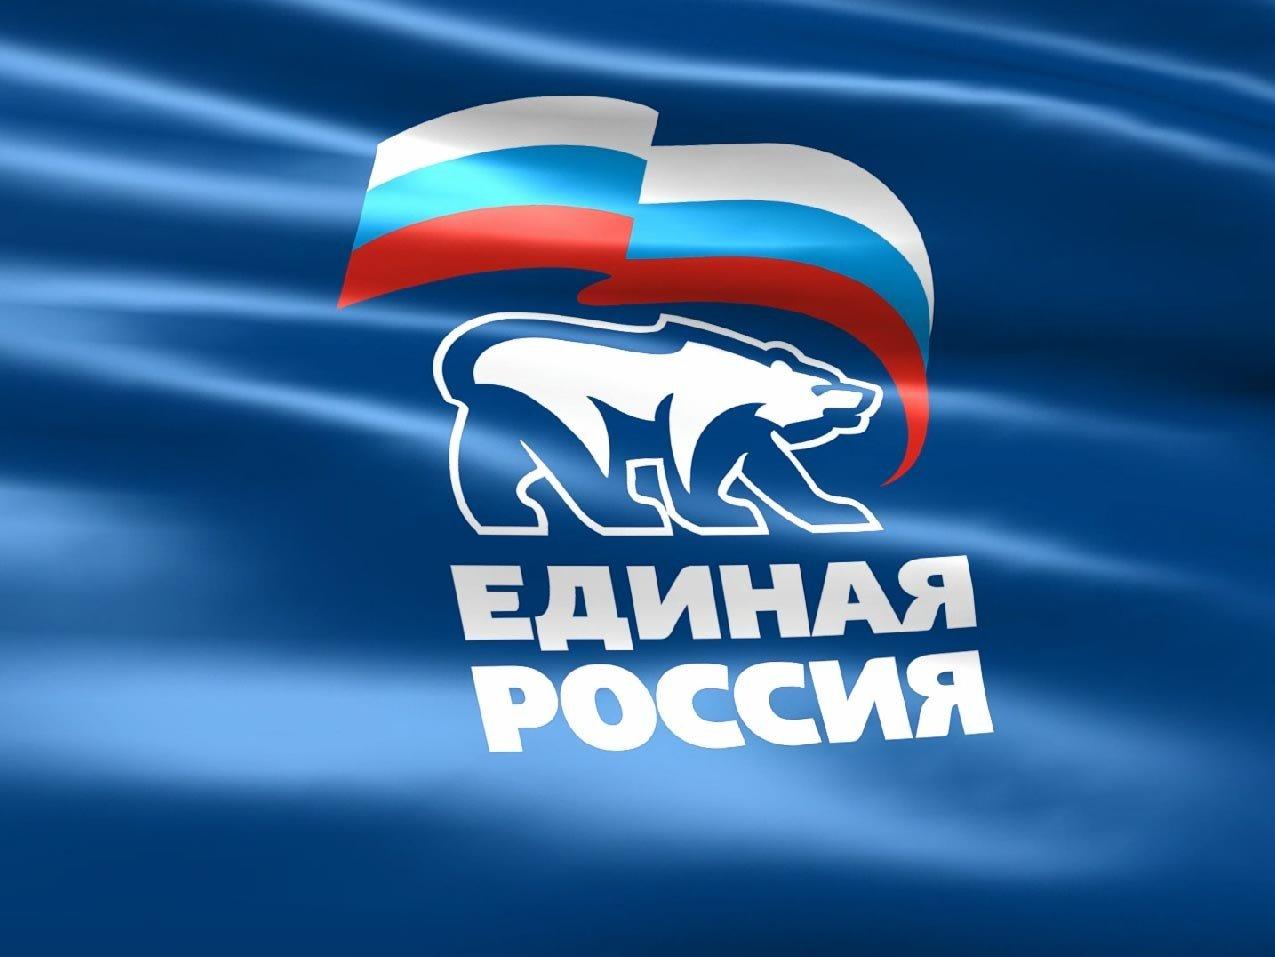 Целый час выделили представители партии власти в Кимрах для общения с избирателями | График